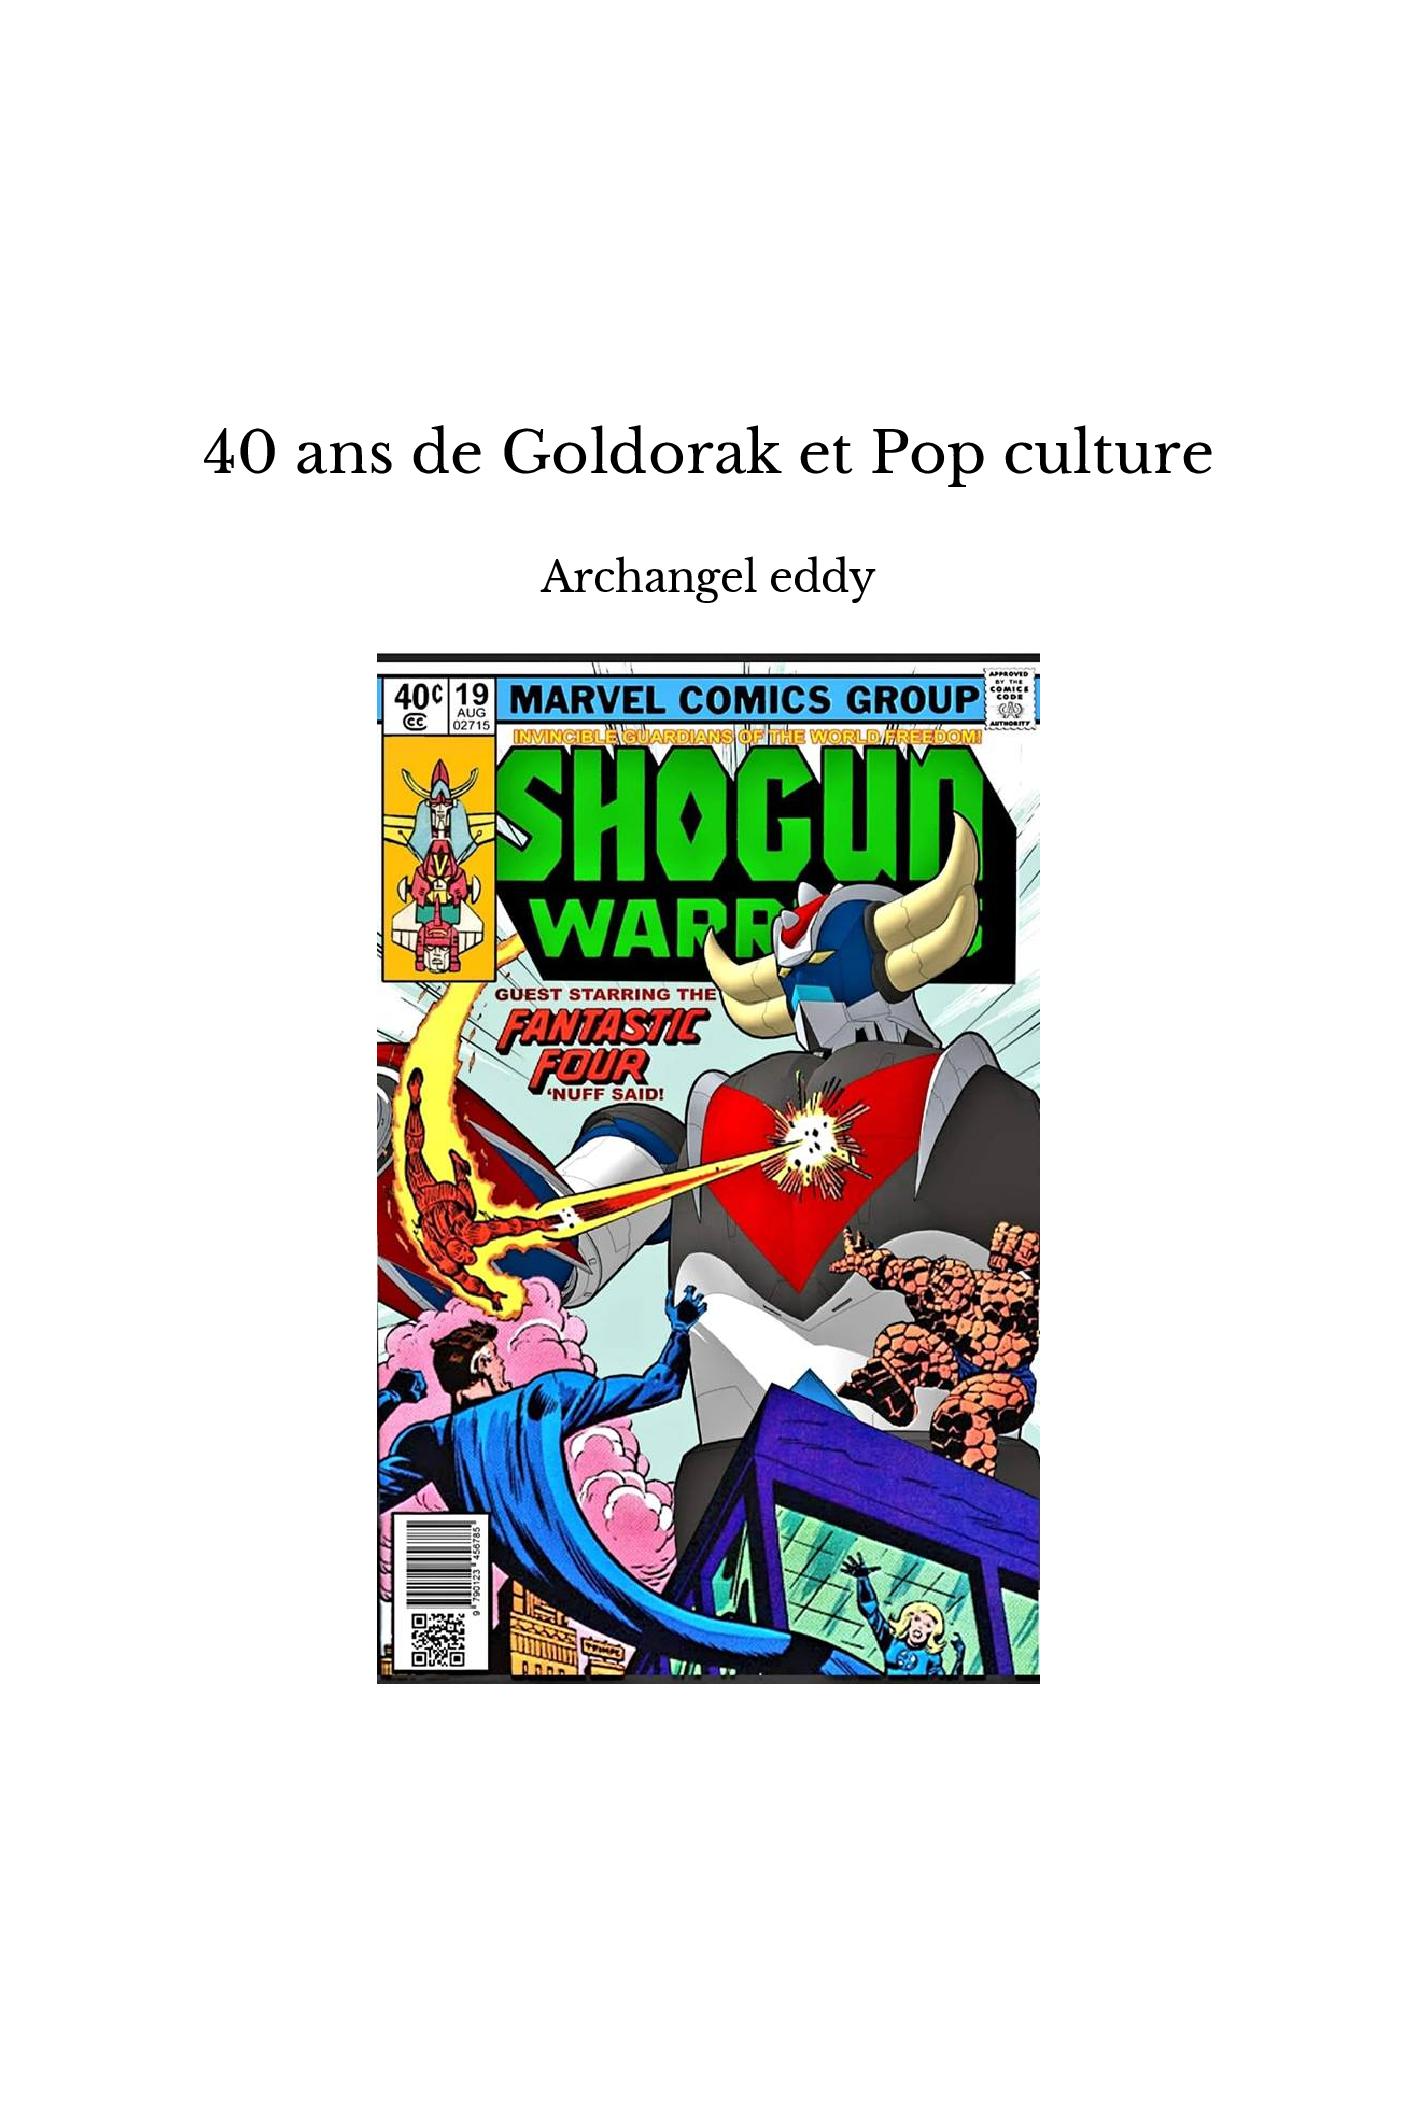 40 ans de Goldorak et Pop culture